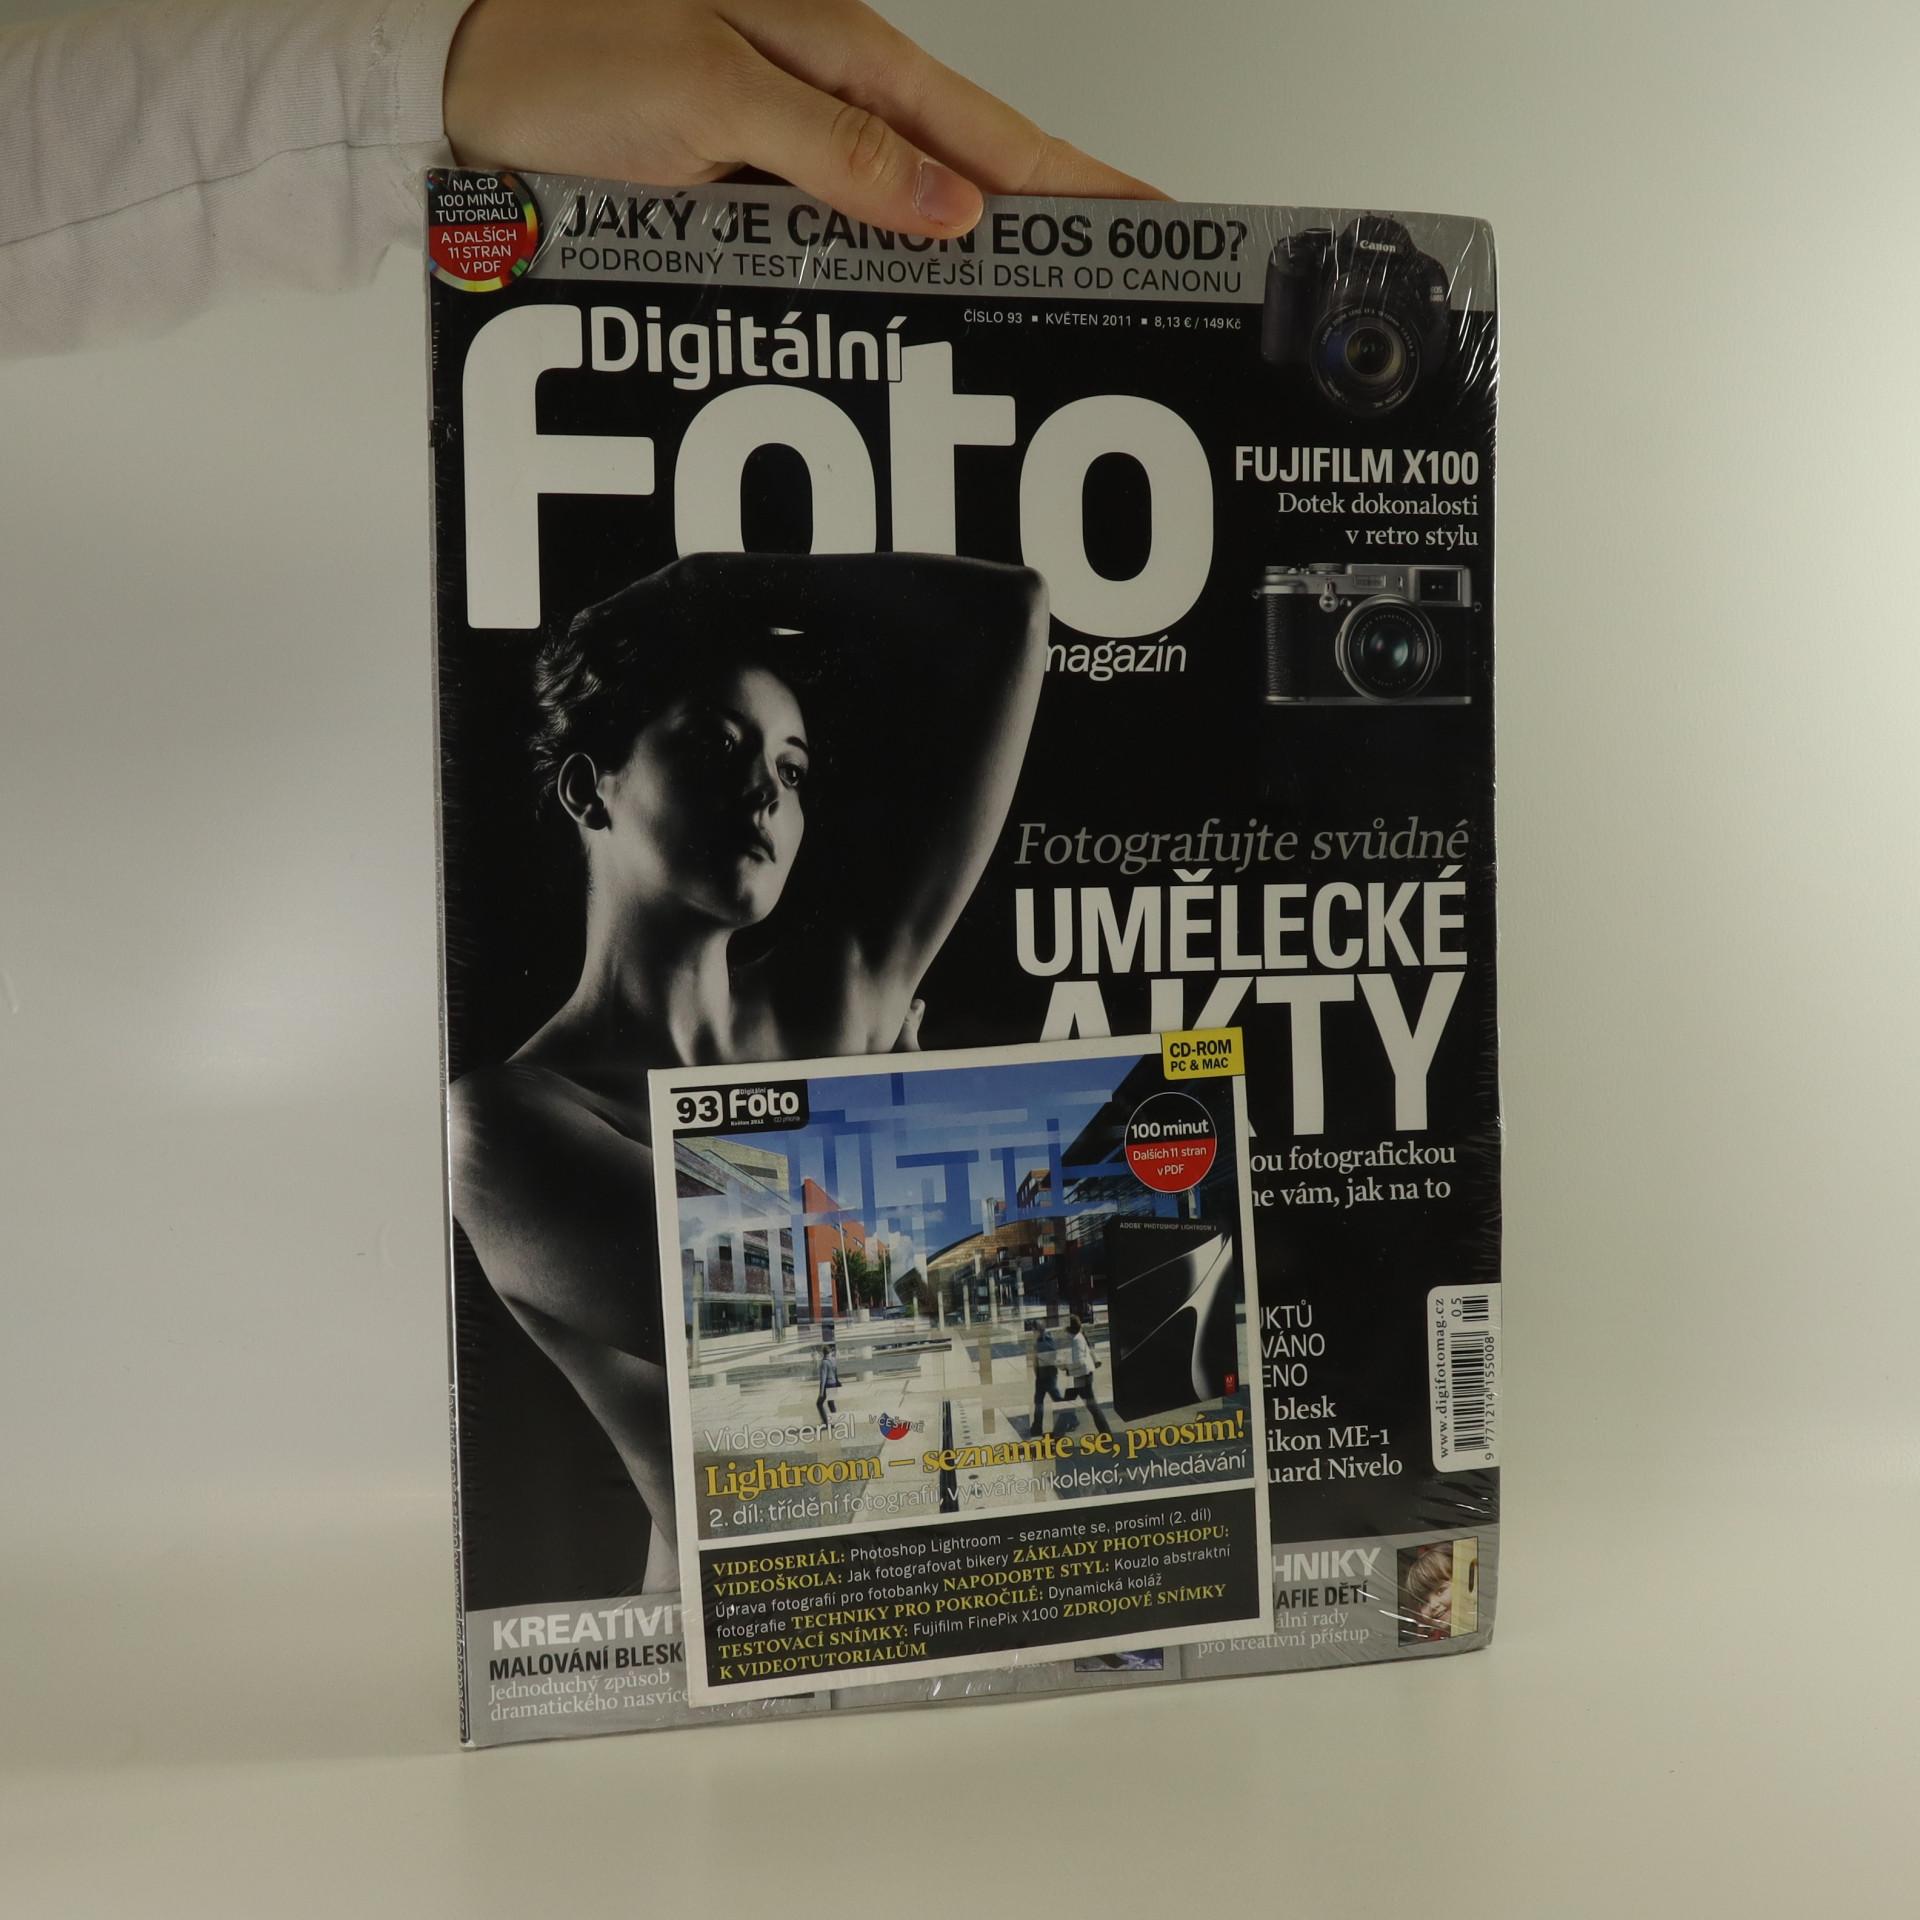 antikvární kniha Digitální foto magazín, 2011